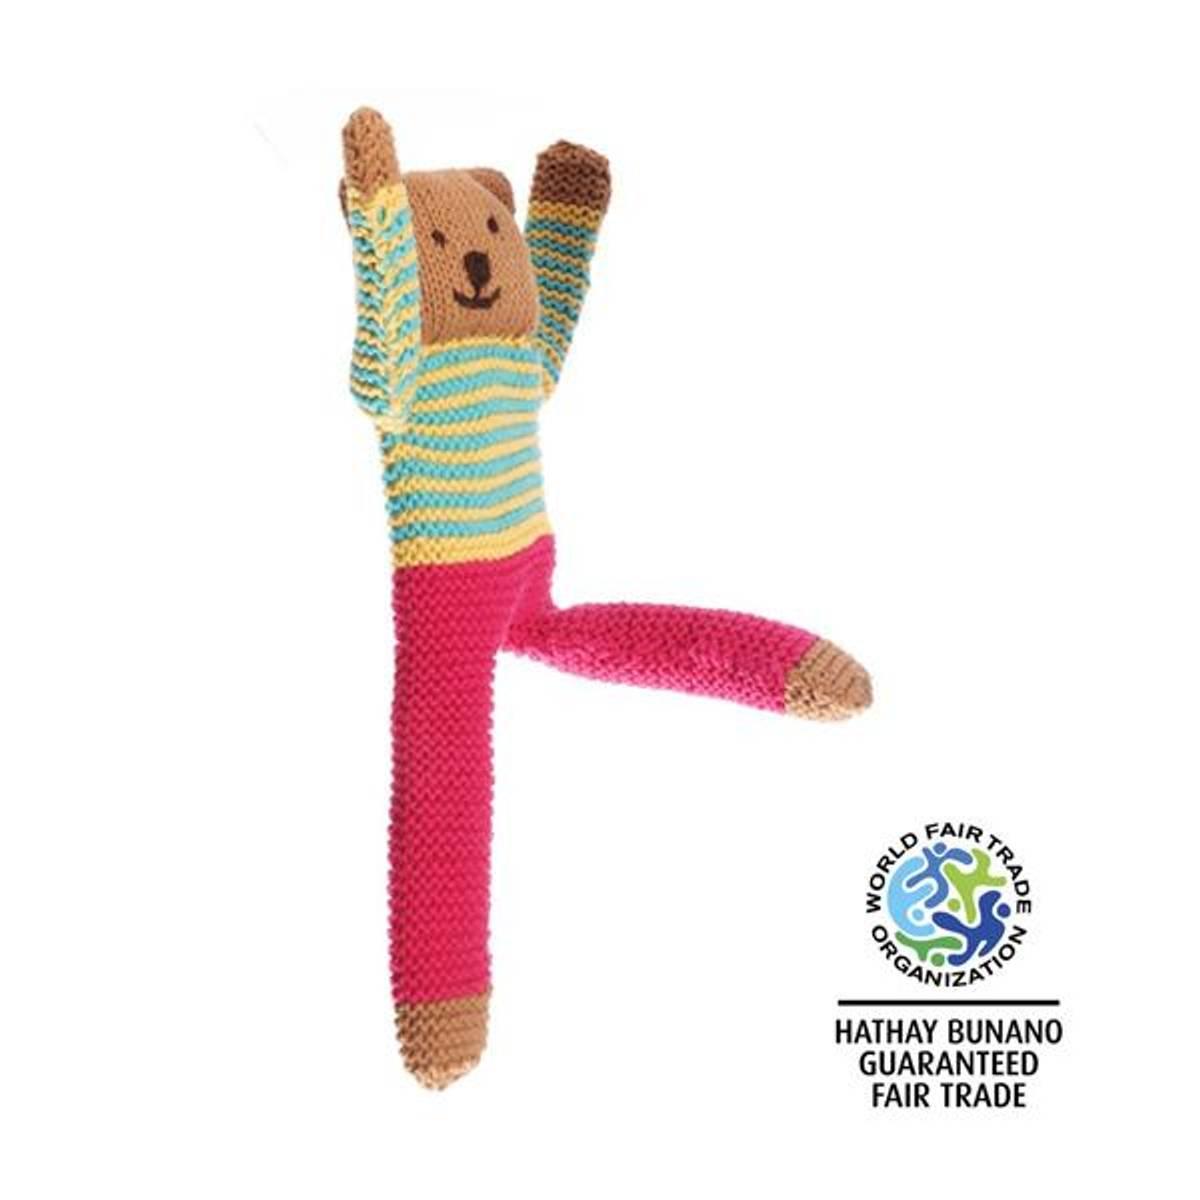 Heklet teddybjørn Nancy Flipp / håndlaget og Fairtrade